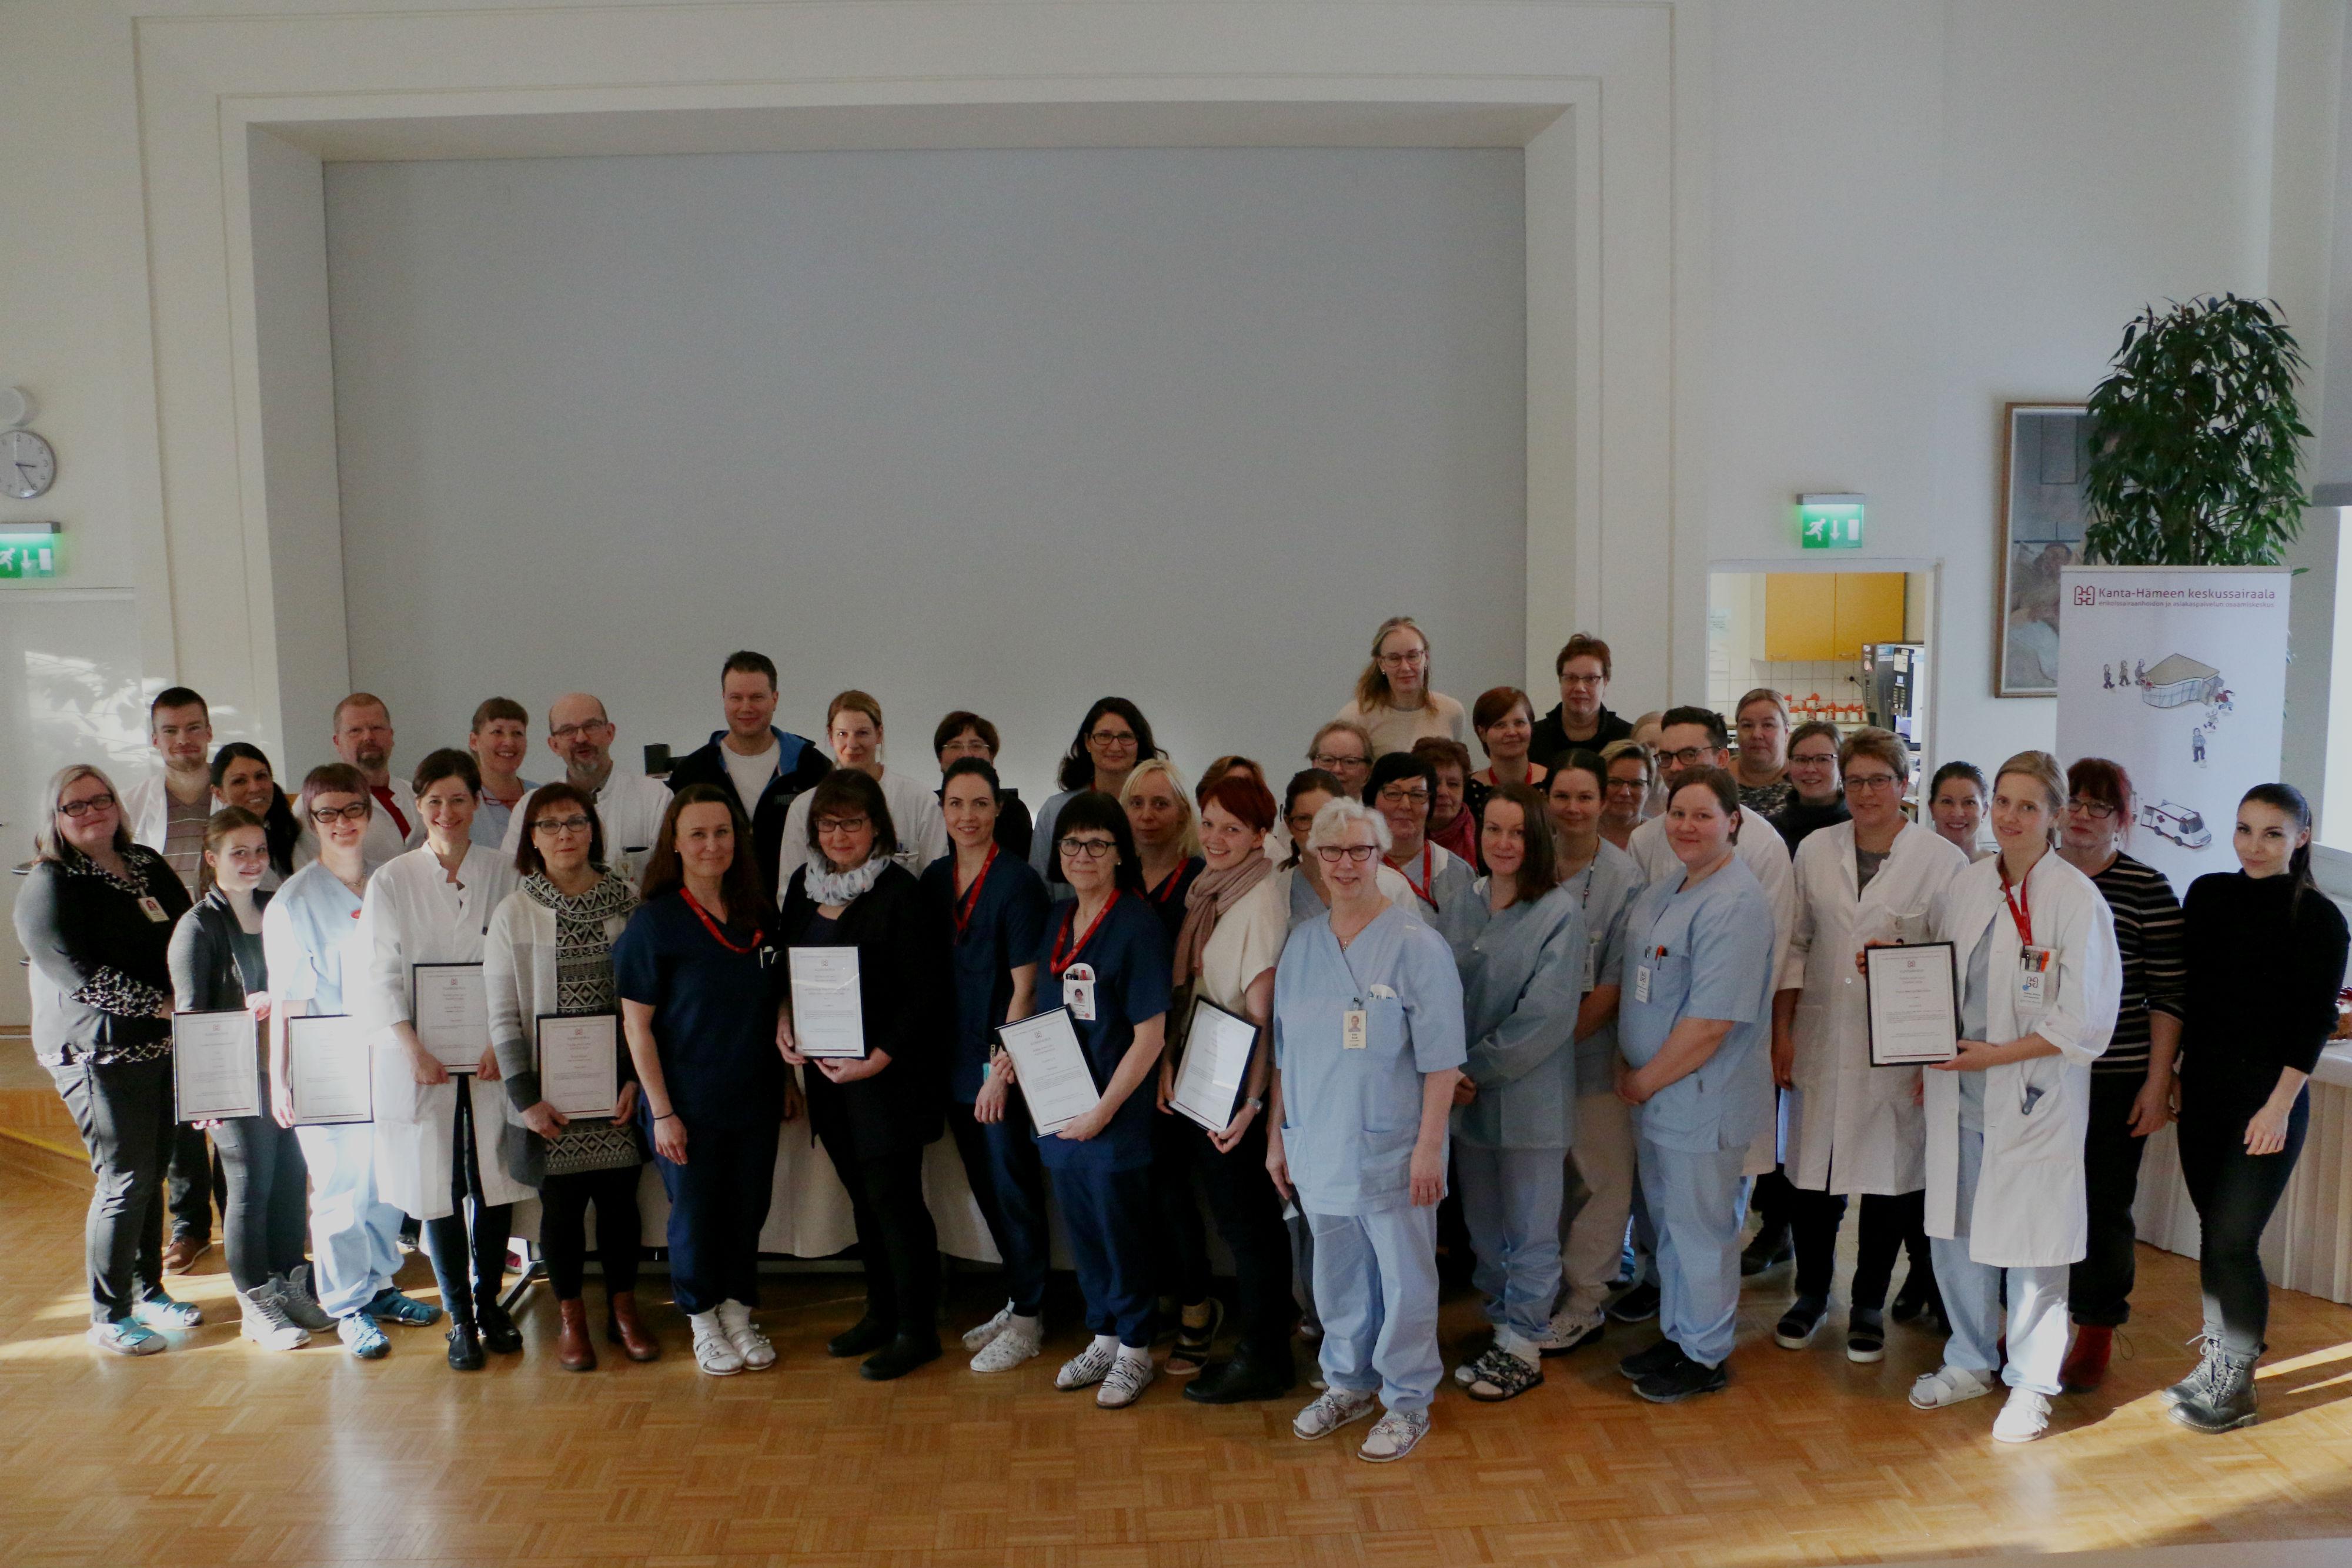 Kanta-Hämeen sairaanhoitopiiri palkitsi tiistaina 20. helmikuuta henkilöstöänsä Potilas ensin -palkintotilaisuudessa. Kuvassa tunnustuksen saaneet henkilöt.